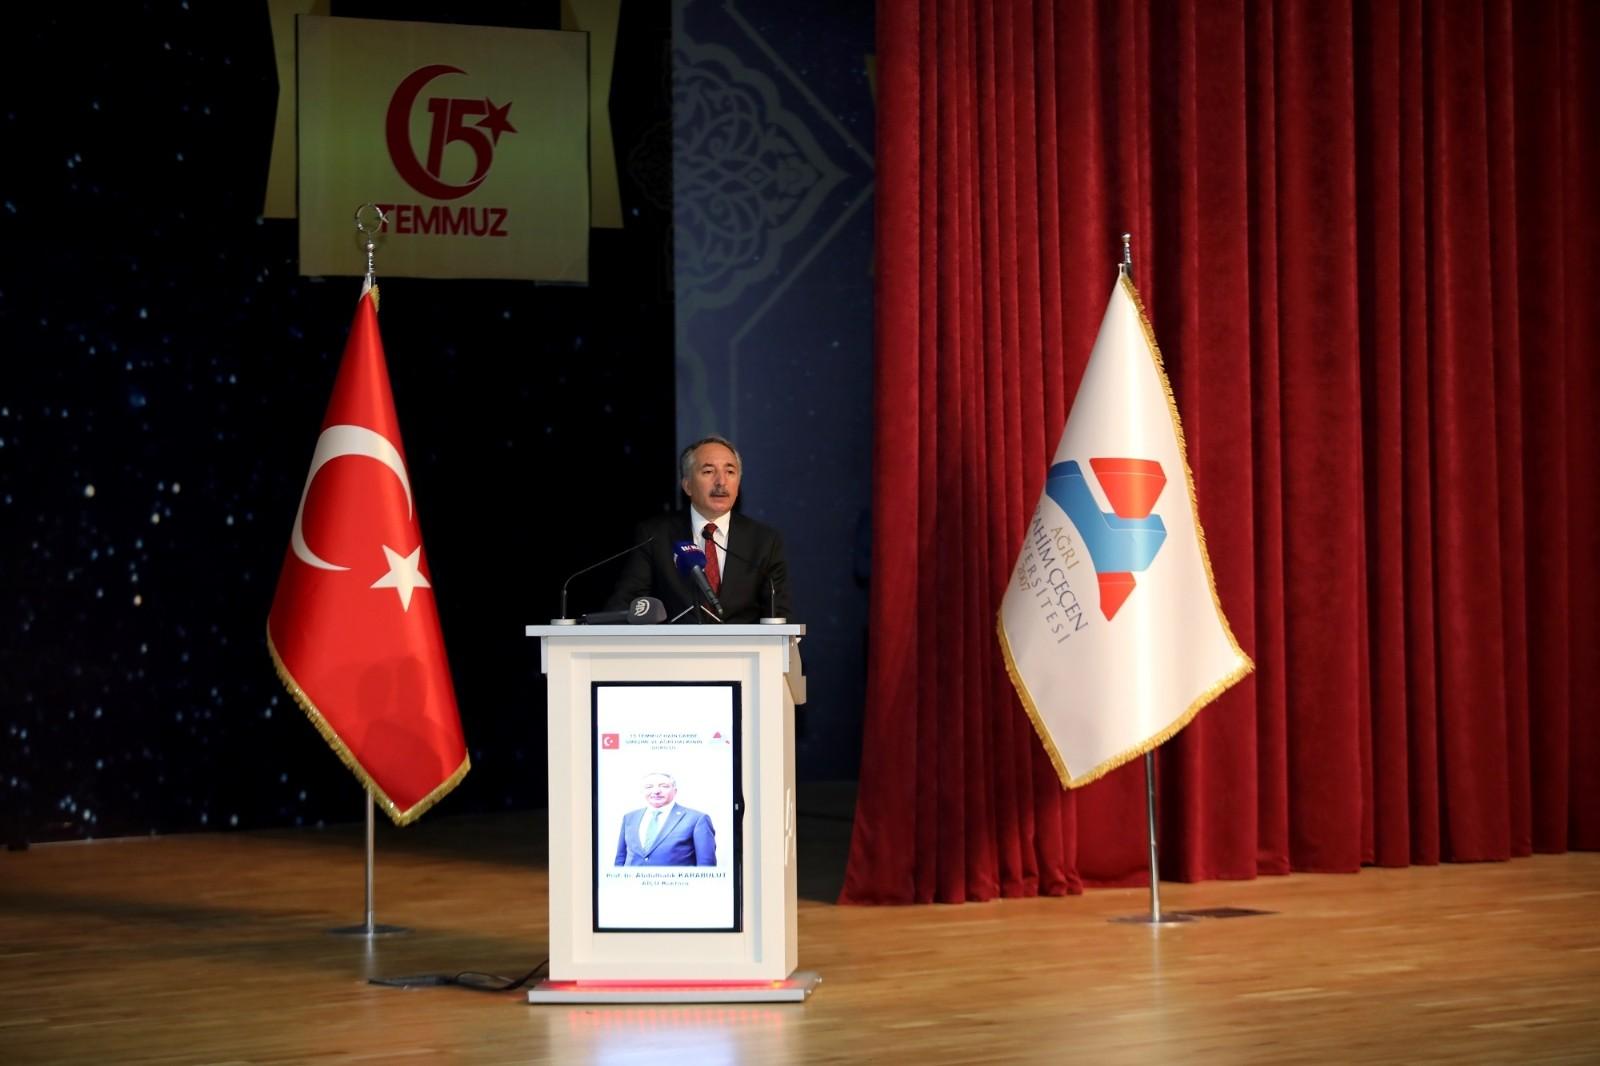 """AİÇÜ'de """"15 Temmuz Hain Darbe Girişimi ve Ağrı Halkının Duruşu"""" konulu konferans gerçekleştirildi"""